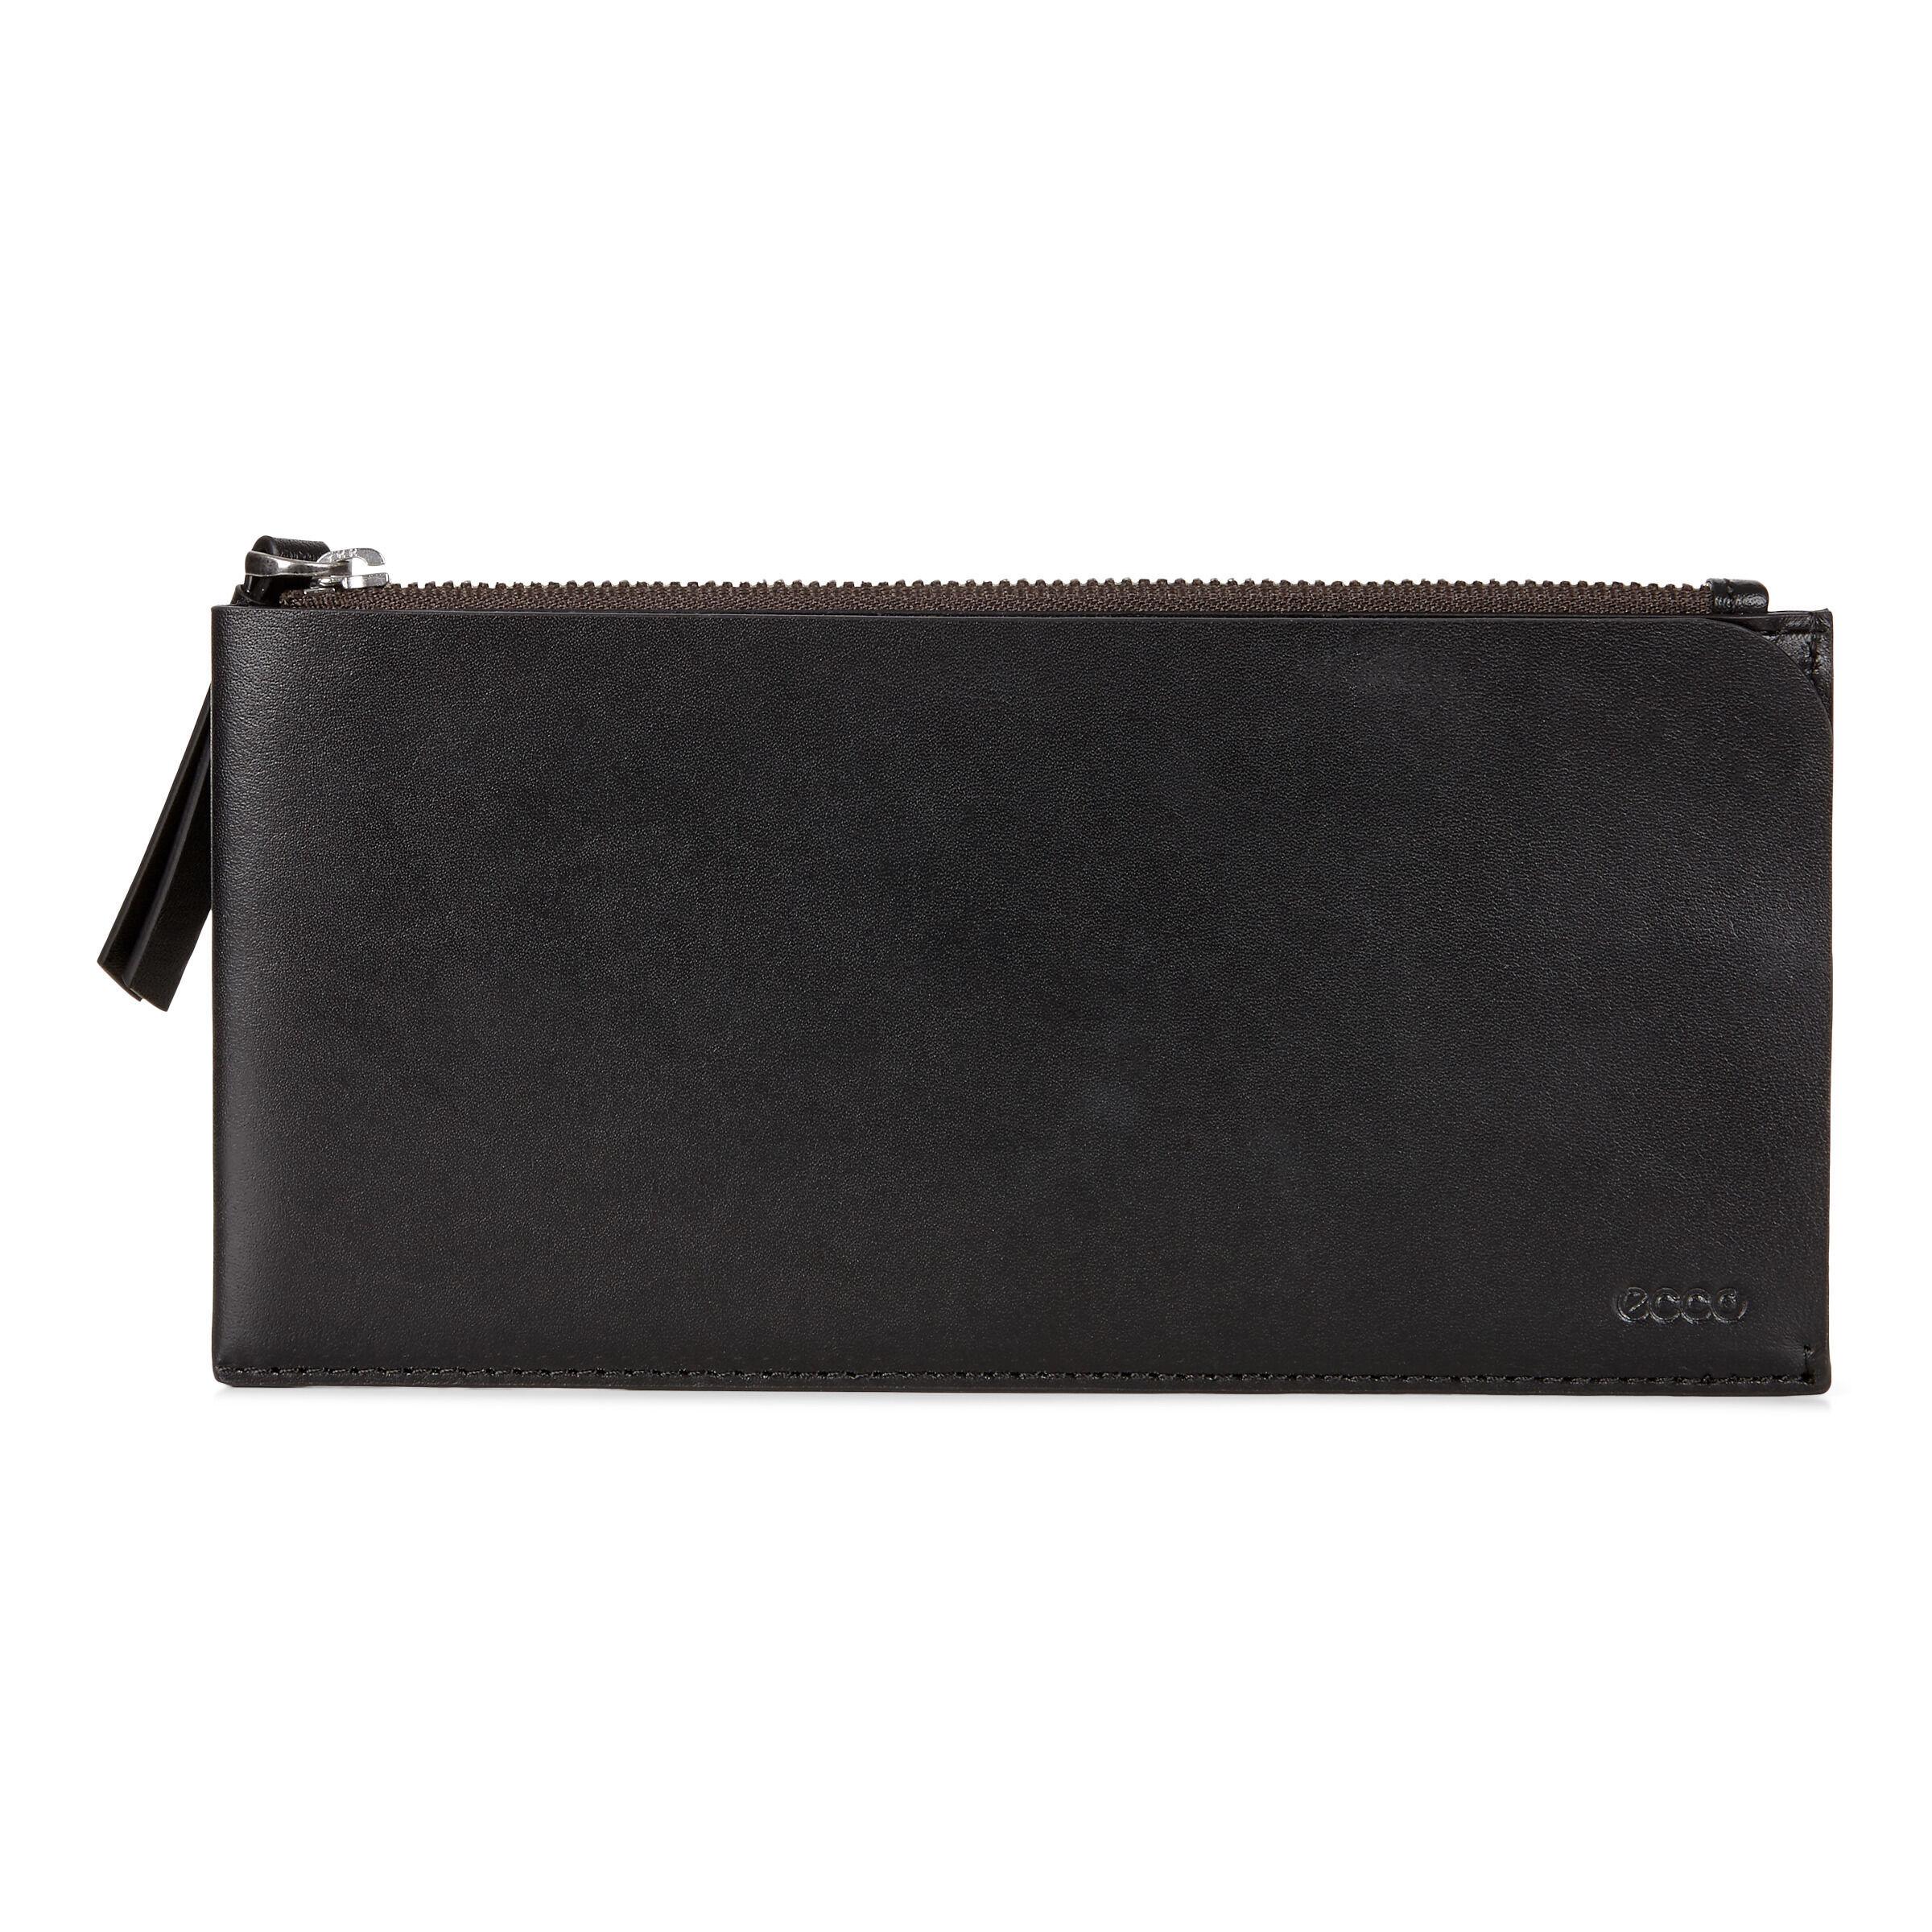 ECCO Geometrik Travel Wallet: One Size - Black